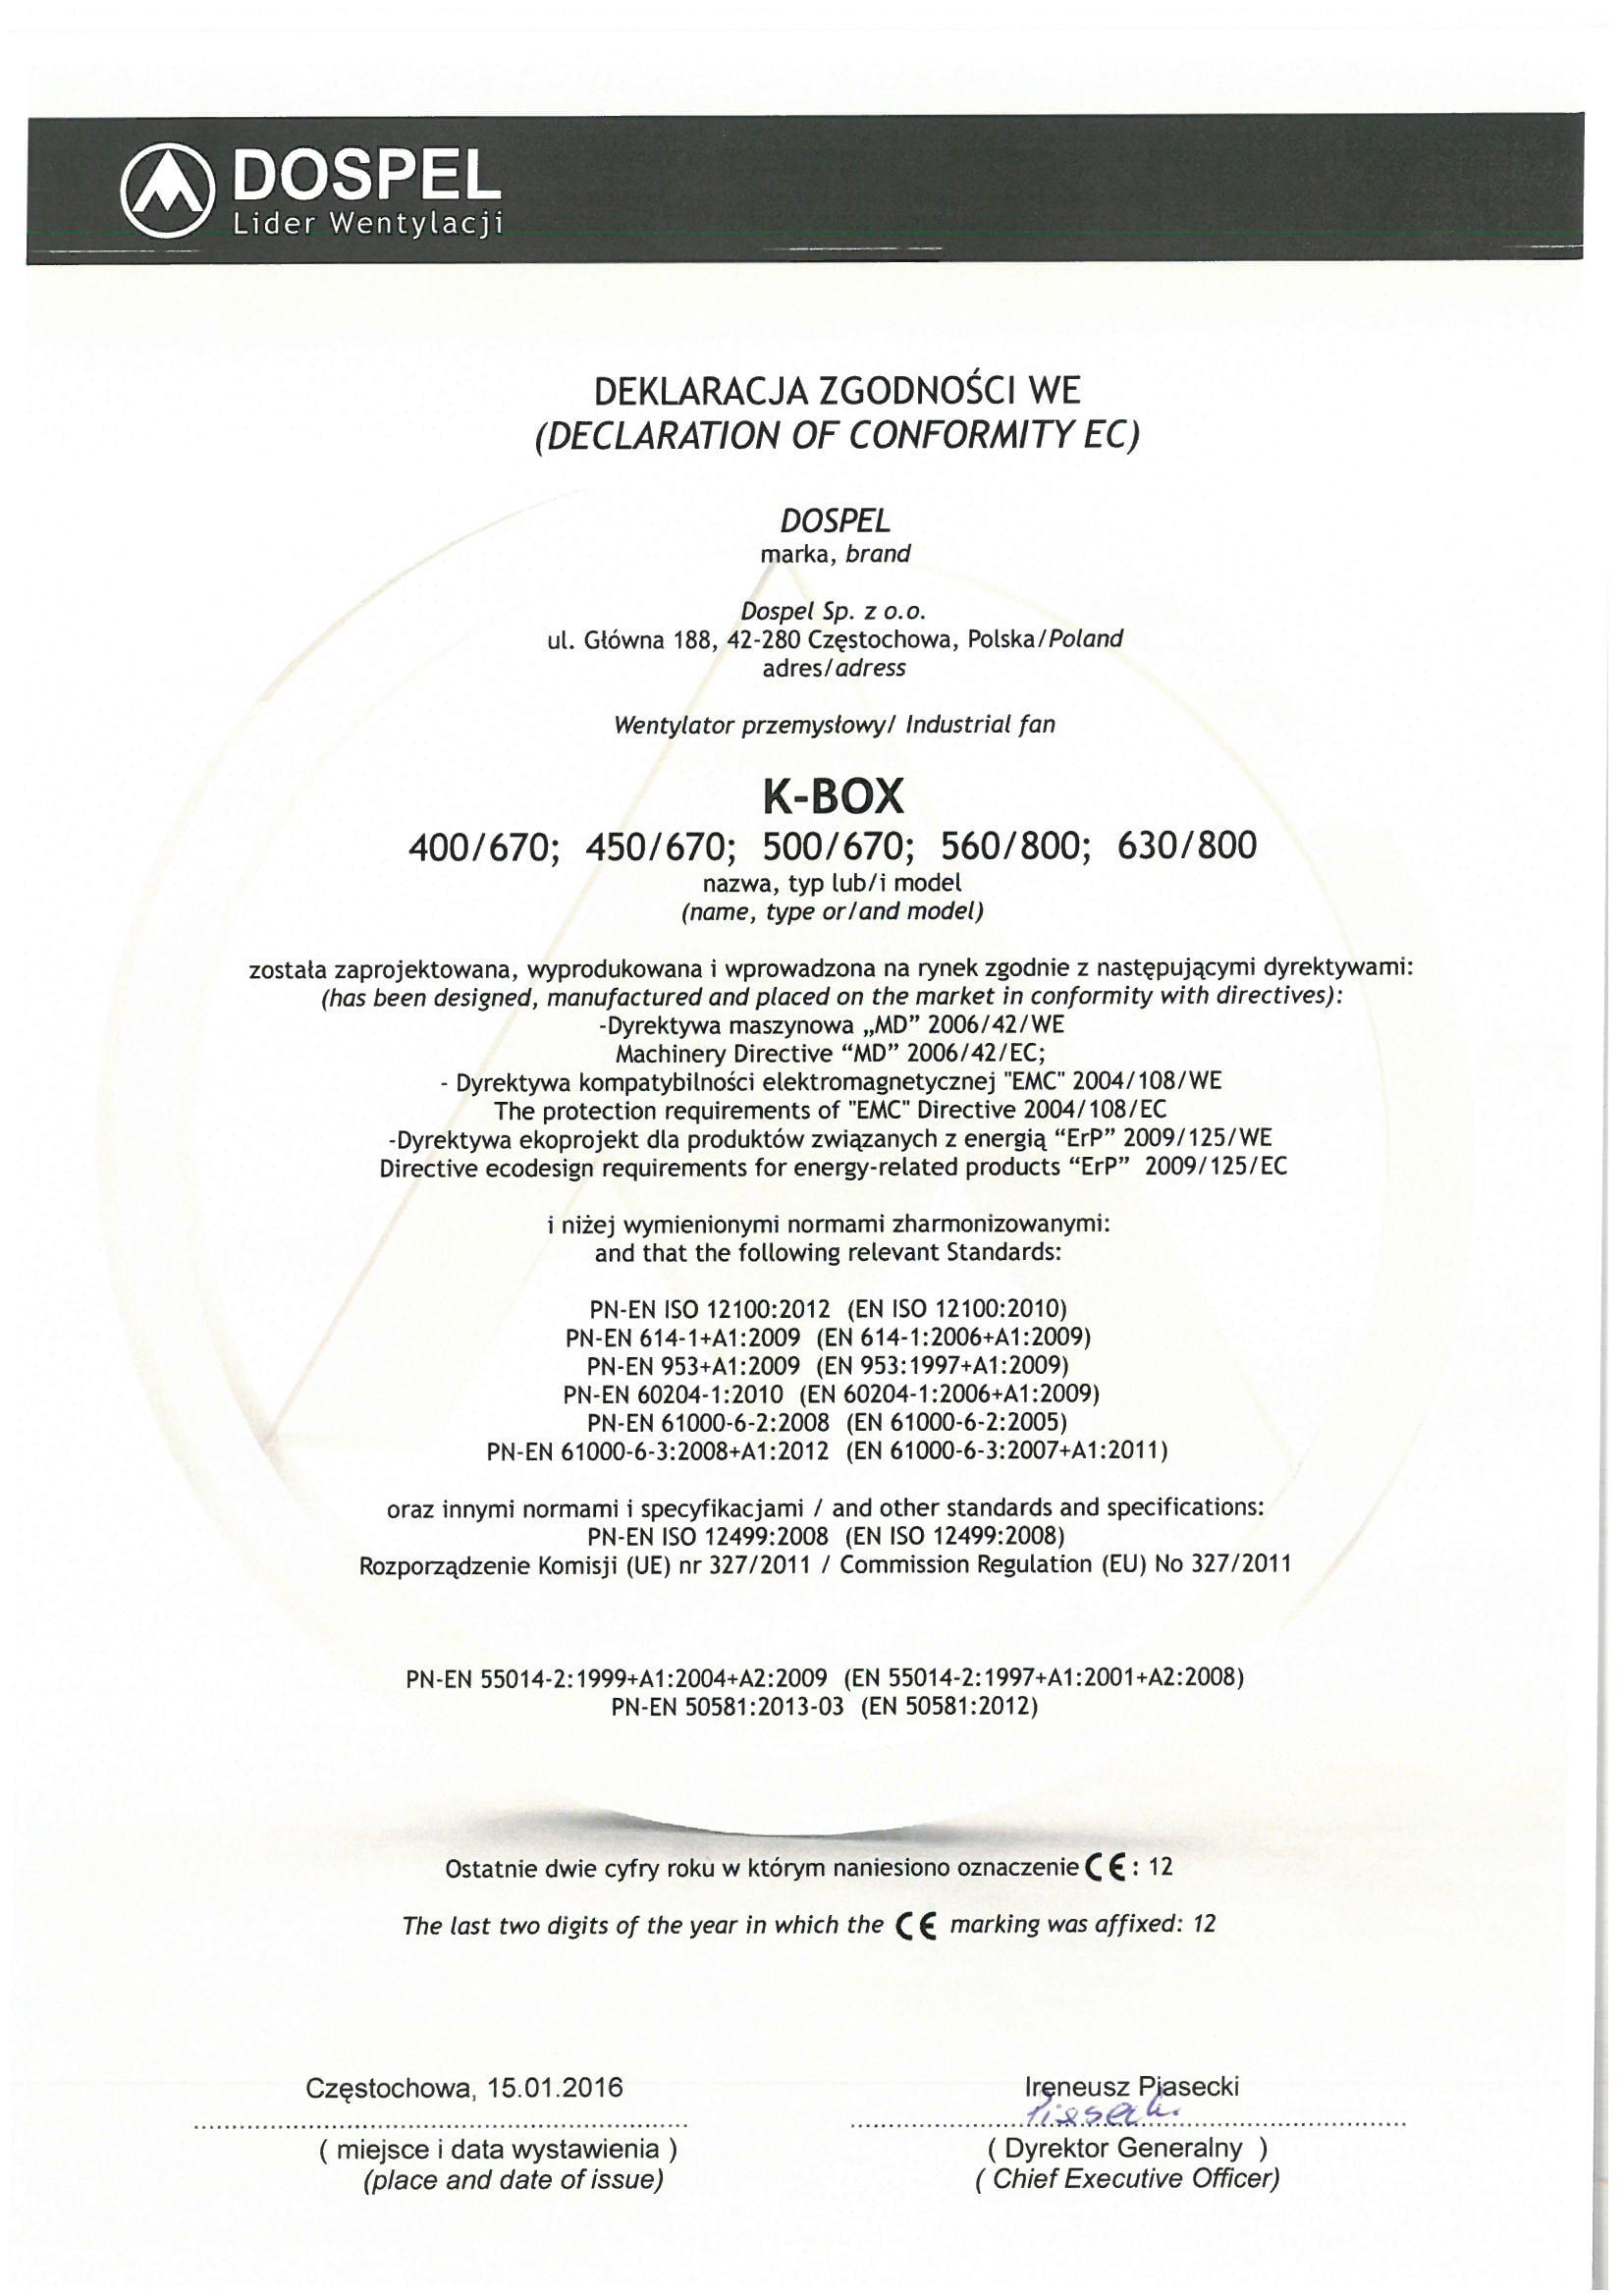 Wentylator kanałowy, K-BOX, certyfikat, deklaracja zgodności, producent wentylatorów, Dospel